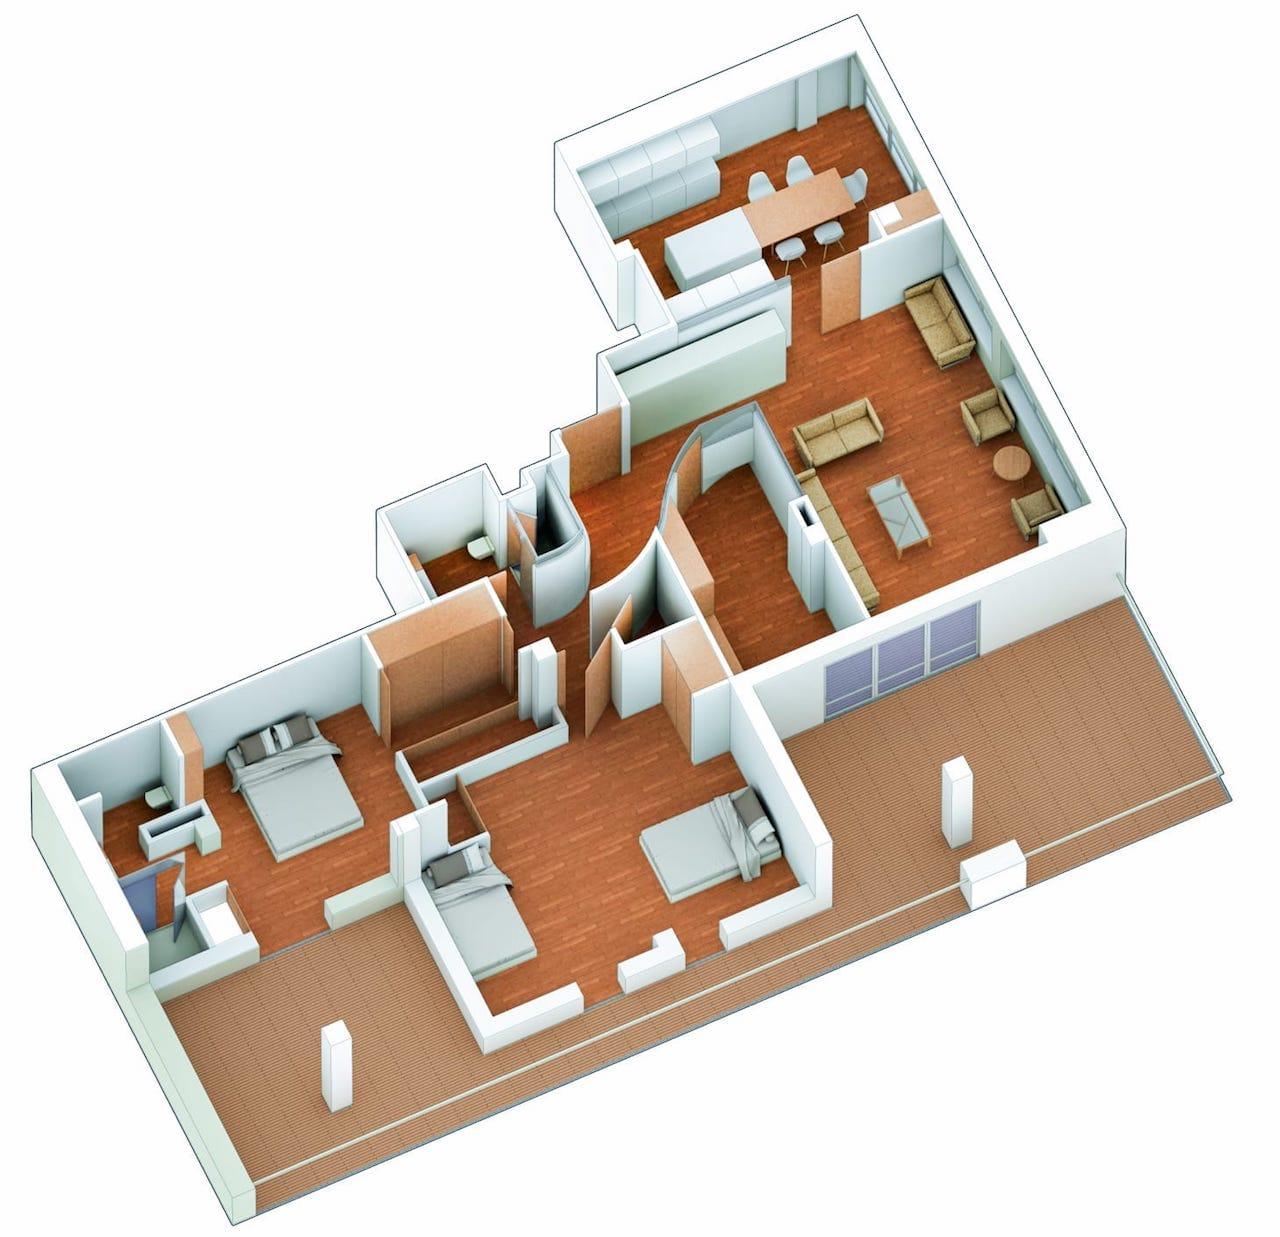 Dolmen arquitectos estudio de arquitectura en asturias for Normas para planos arquitectonicos